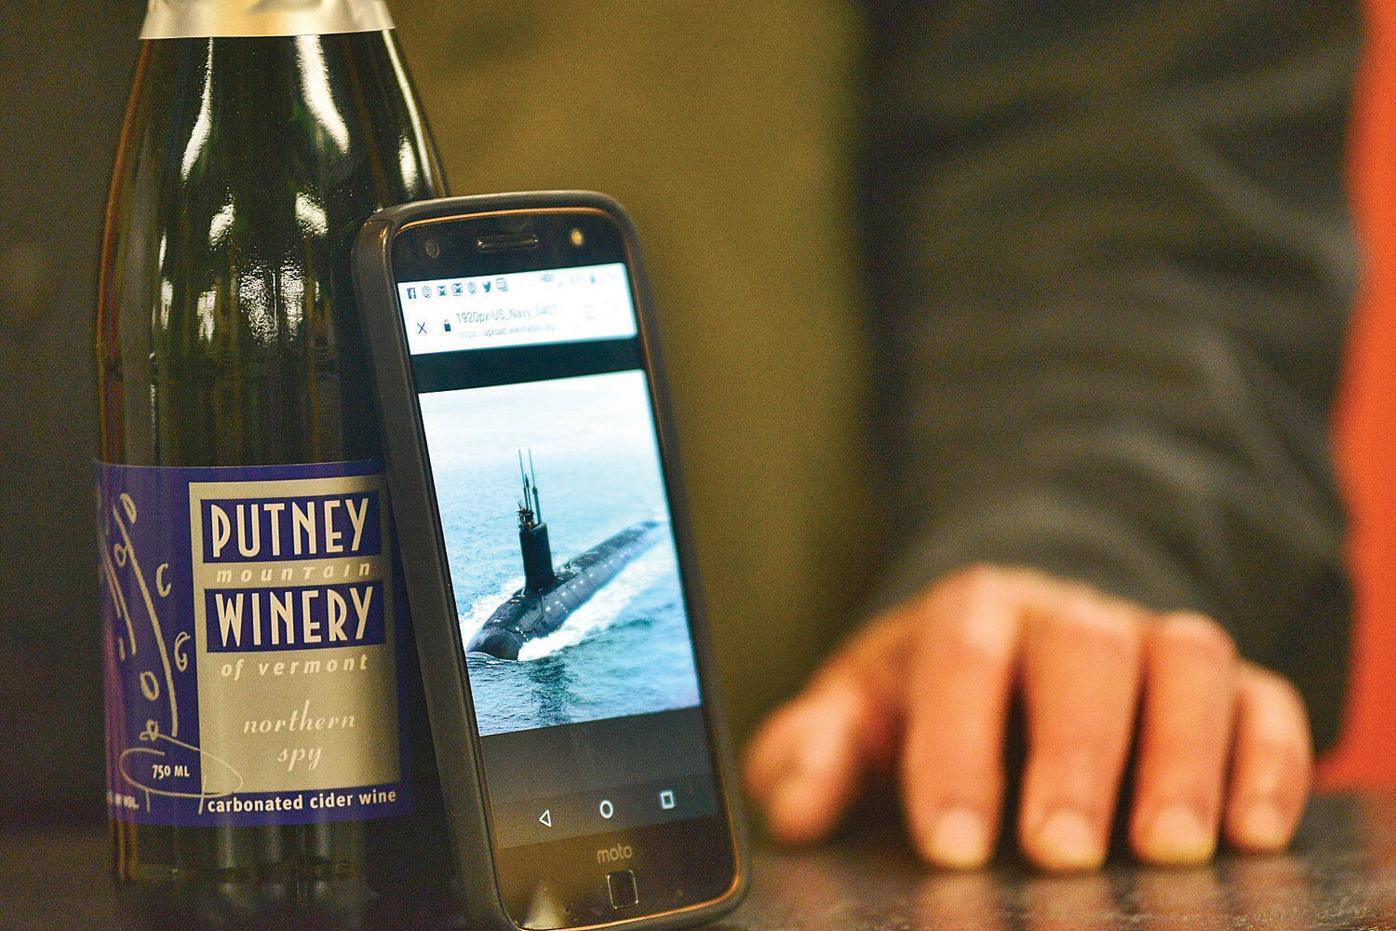 Putney sparkling wine to christen USS Vermont